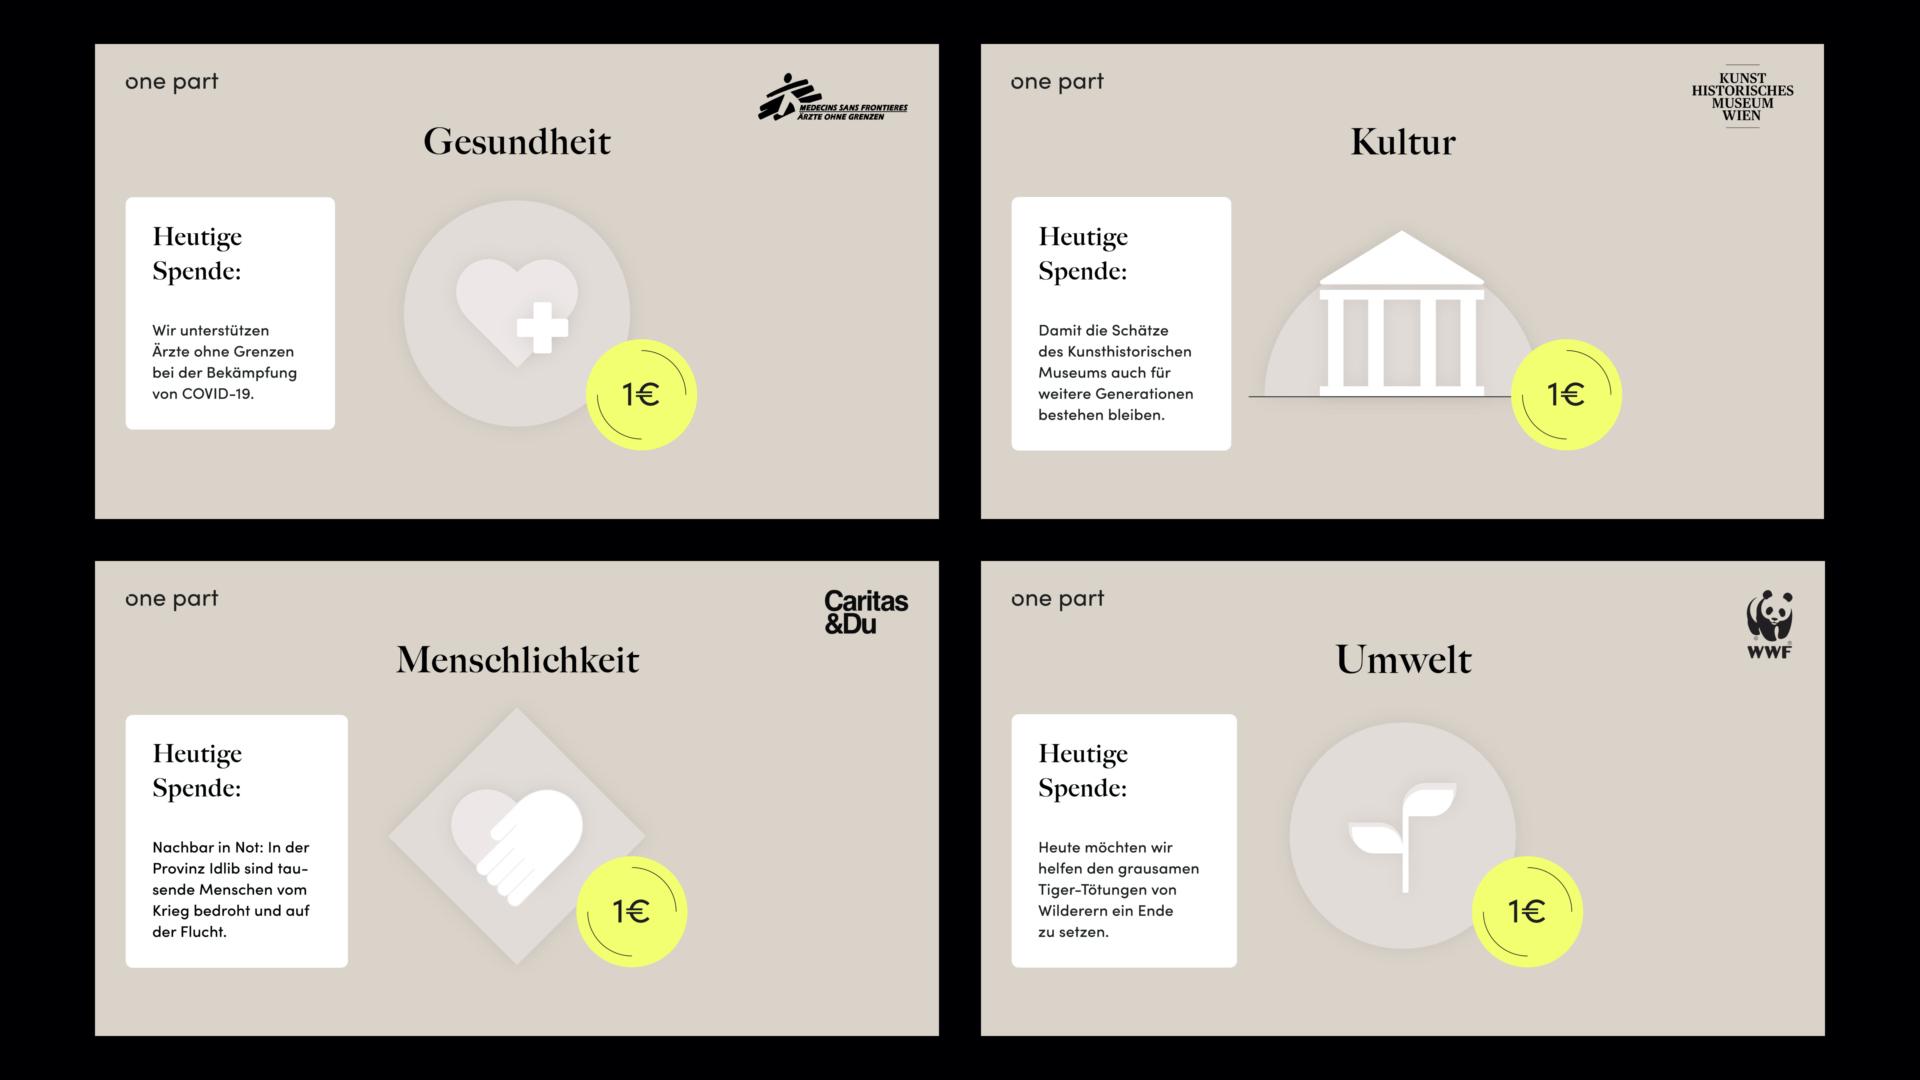 3 Stella Butz One Part Diplomrojekt Meisterschule Livescreen